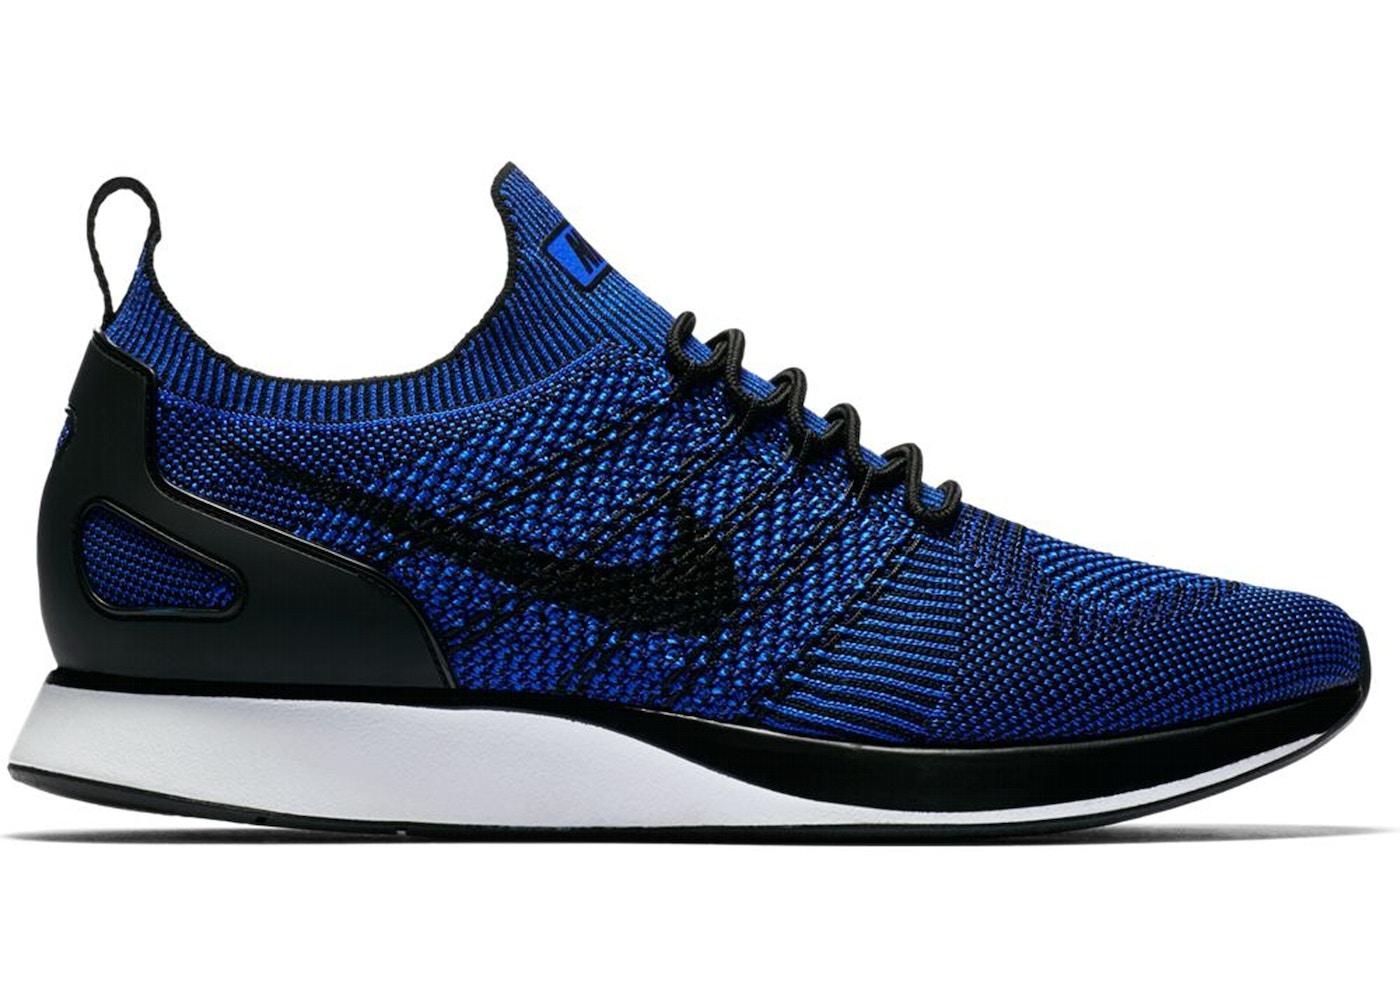 Nike Mariah Flyknit Racer Racer Blue